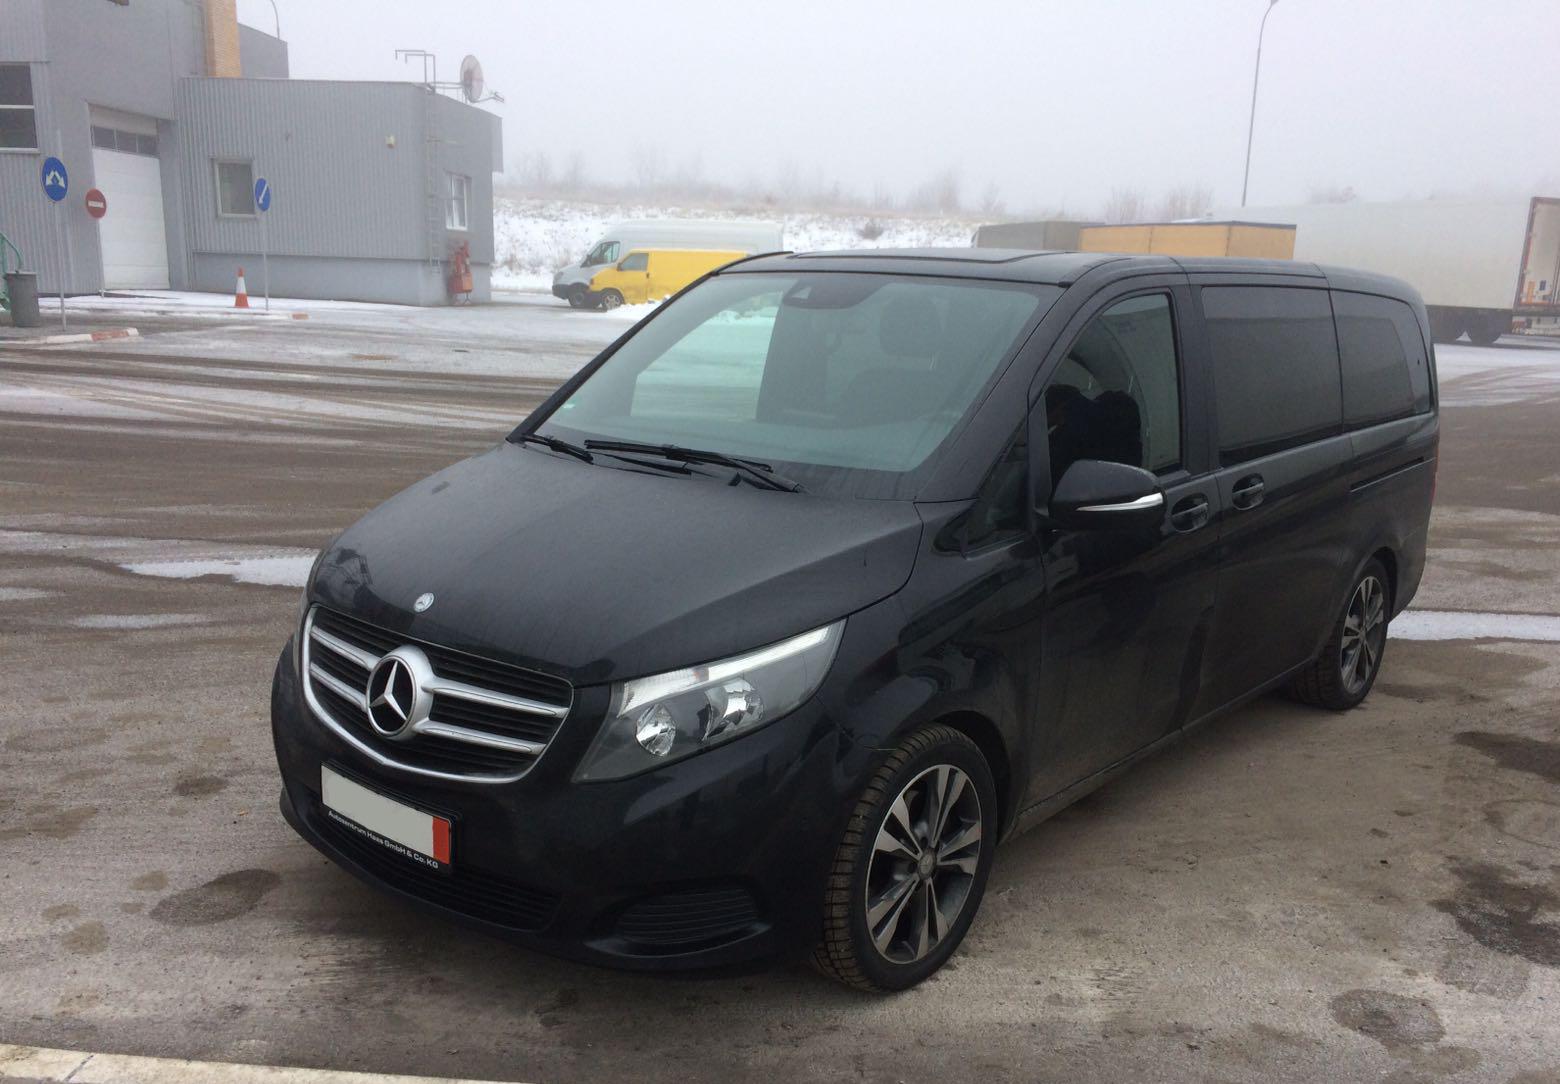 """На КПП """"Ужгород"""" українець занизив вартість автомобіля на суму понад 19 500 євро"""